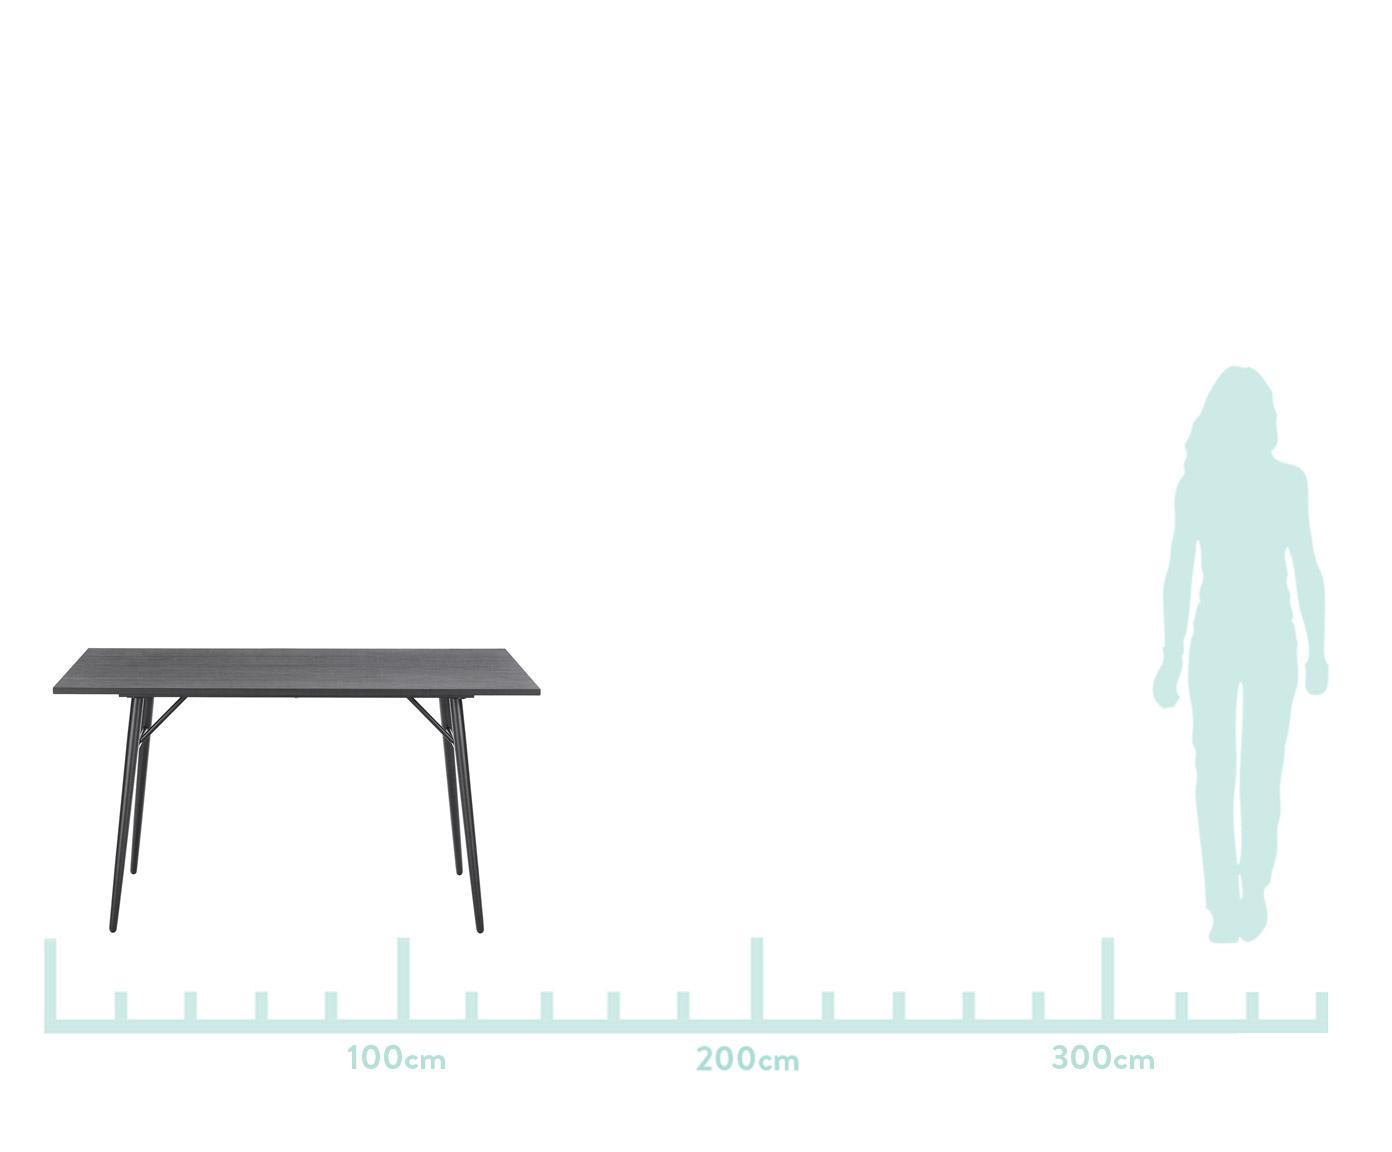 Holztisch Jette mit Metallgestell, Tischplatte: Eichenholzfurnier, lackie, Beine: Metall, pulverbeschichtet, Schwarz, B 160 x T 80 cm